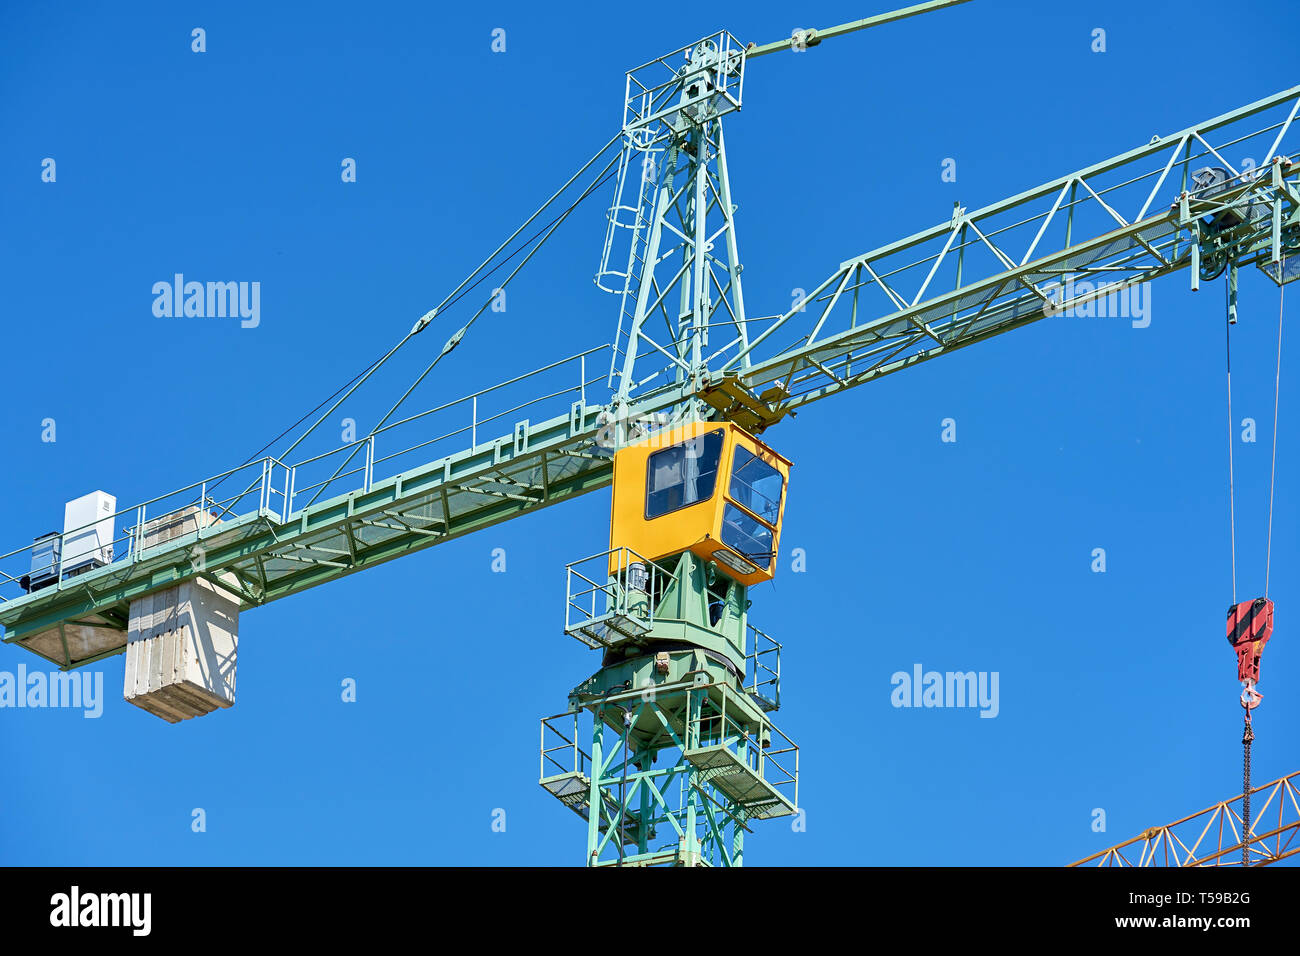 Ein Kran auf einer Baustelle Stock Photo